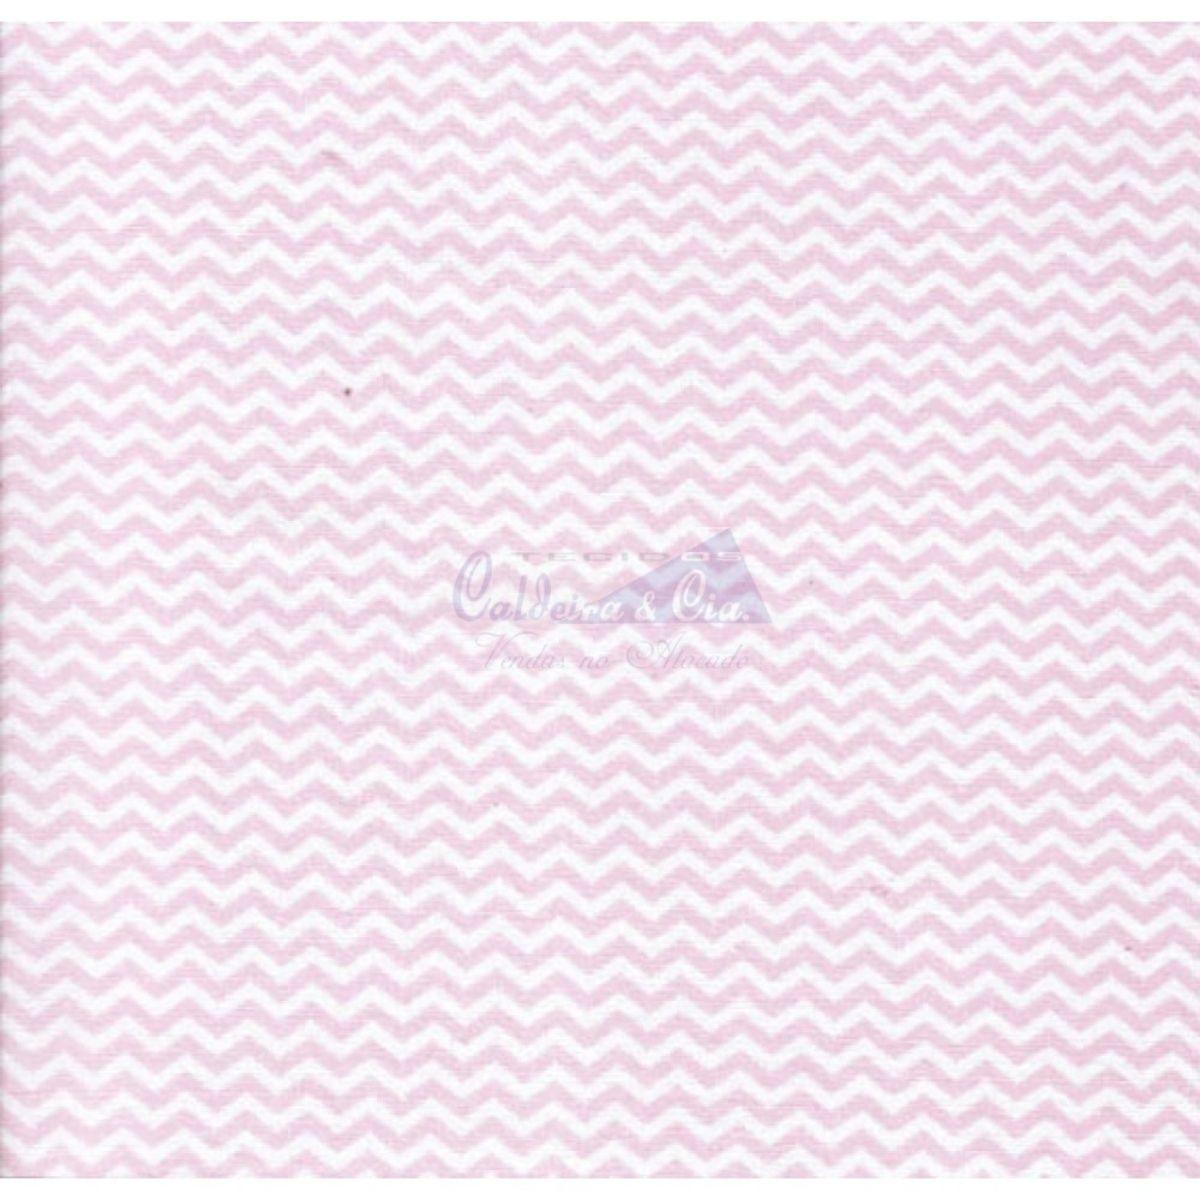 Tecido Tricoline 100% Algodão 0,50 cm x 1,50 m de Largura - Coleção Basic Baby